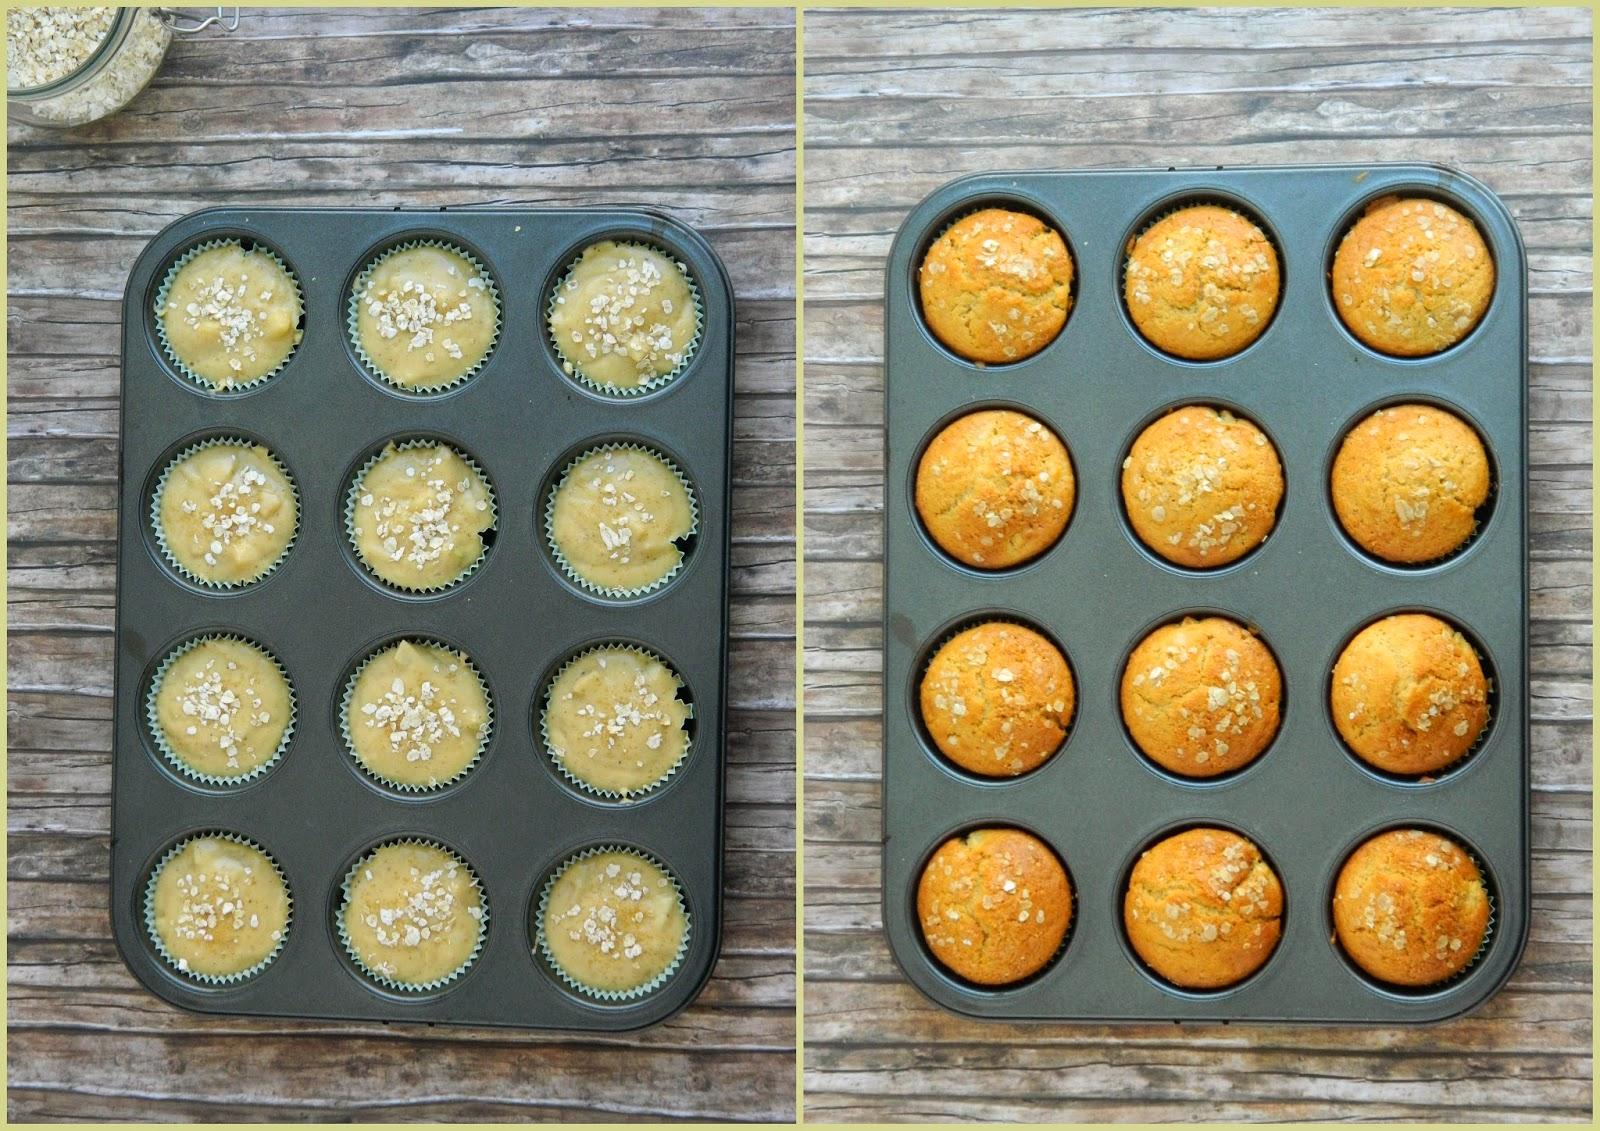 cupcakes pear caramel sauce